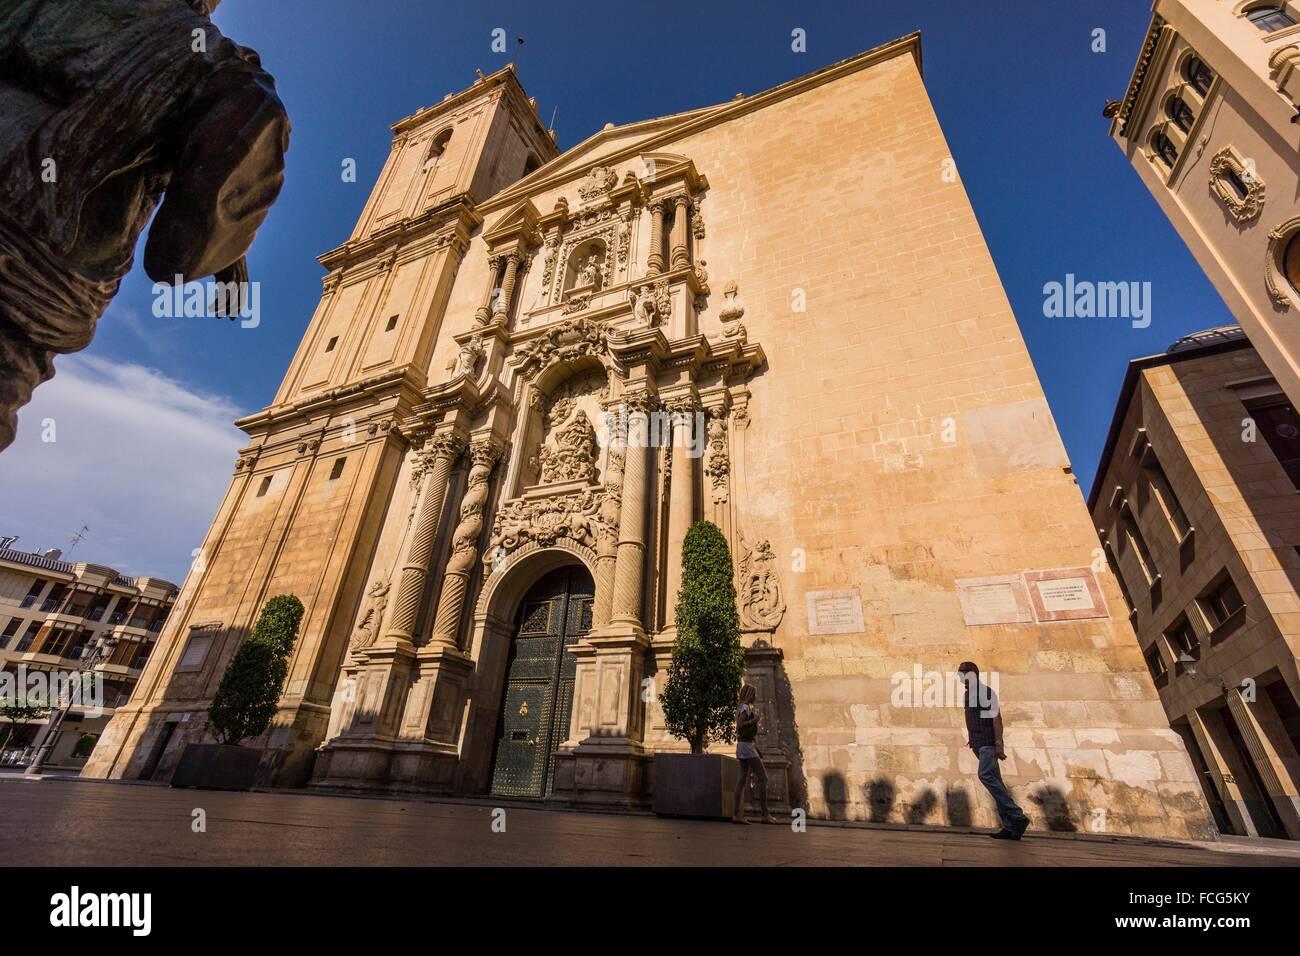 Basilica de Santa Maria, siglo XVII, fachada principal obra del escultor Nicolas de Bussy,barroco valenciano, Elche, - Stock Image